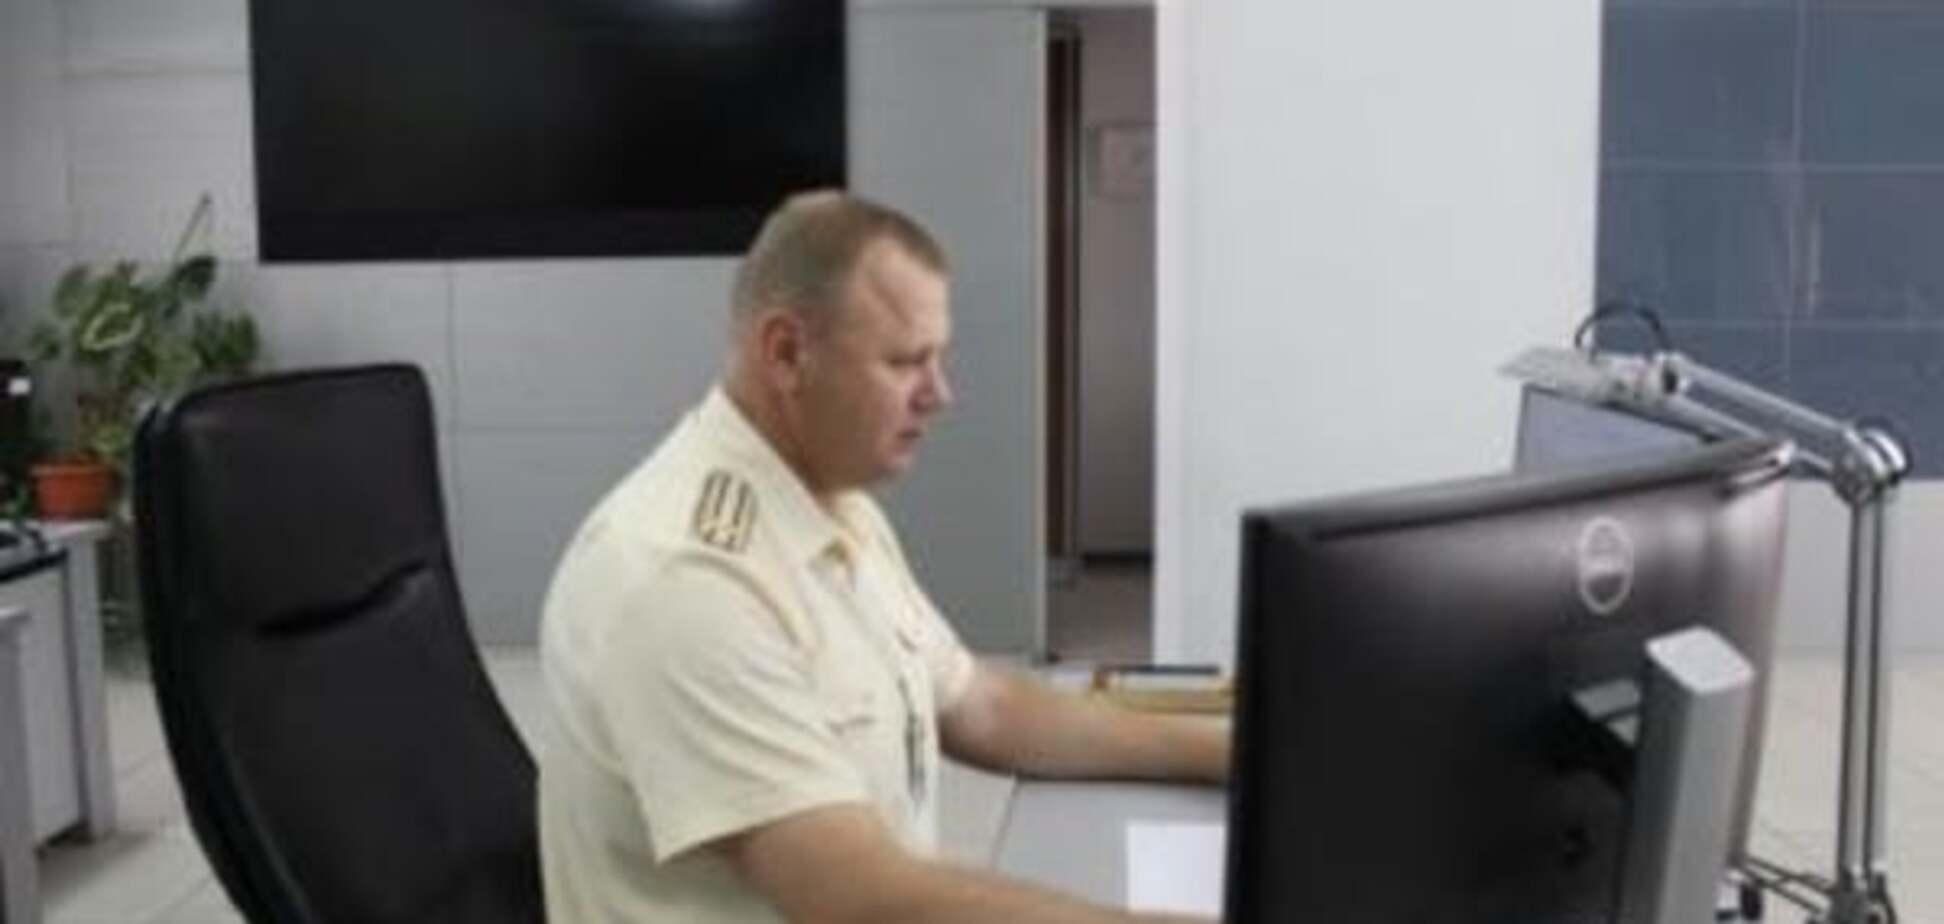 Пограничники оштрафовали 38 кораблей, плавающих в аннексированный Крым